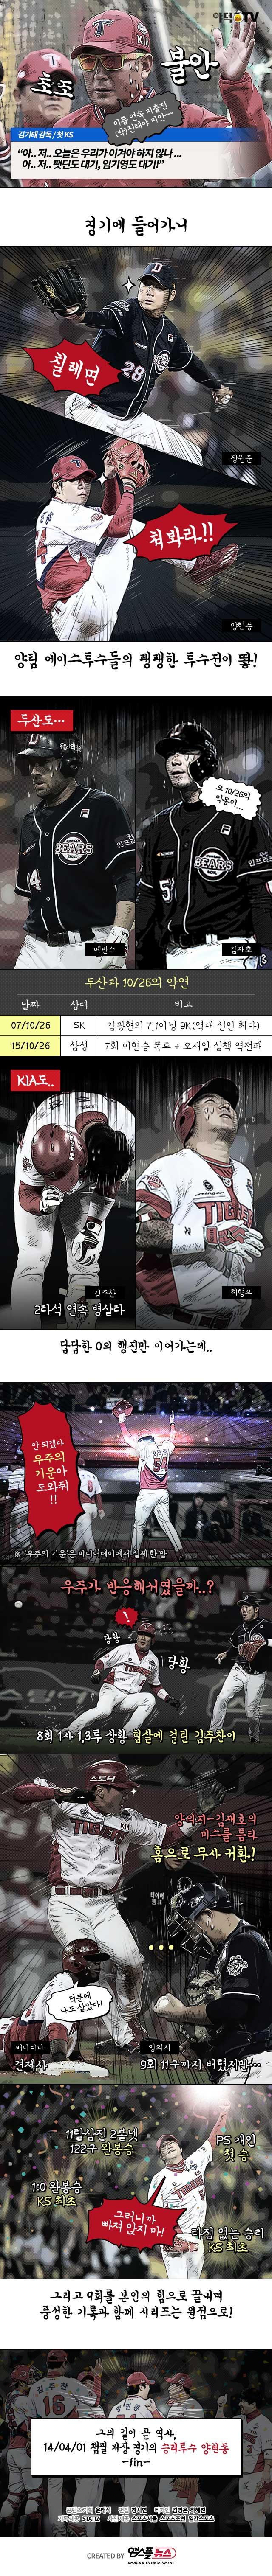 1027-[일간]한국시리즈2차전리뷰_02.jpg